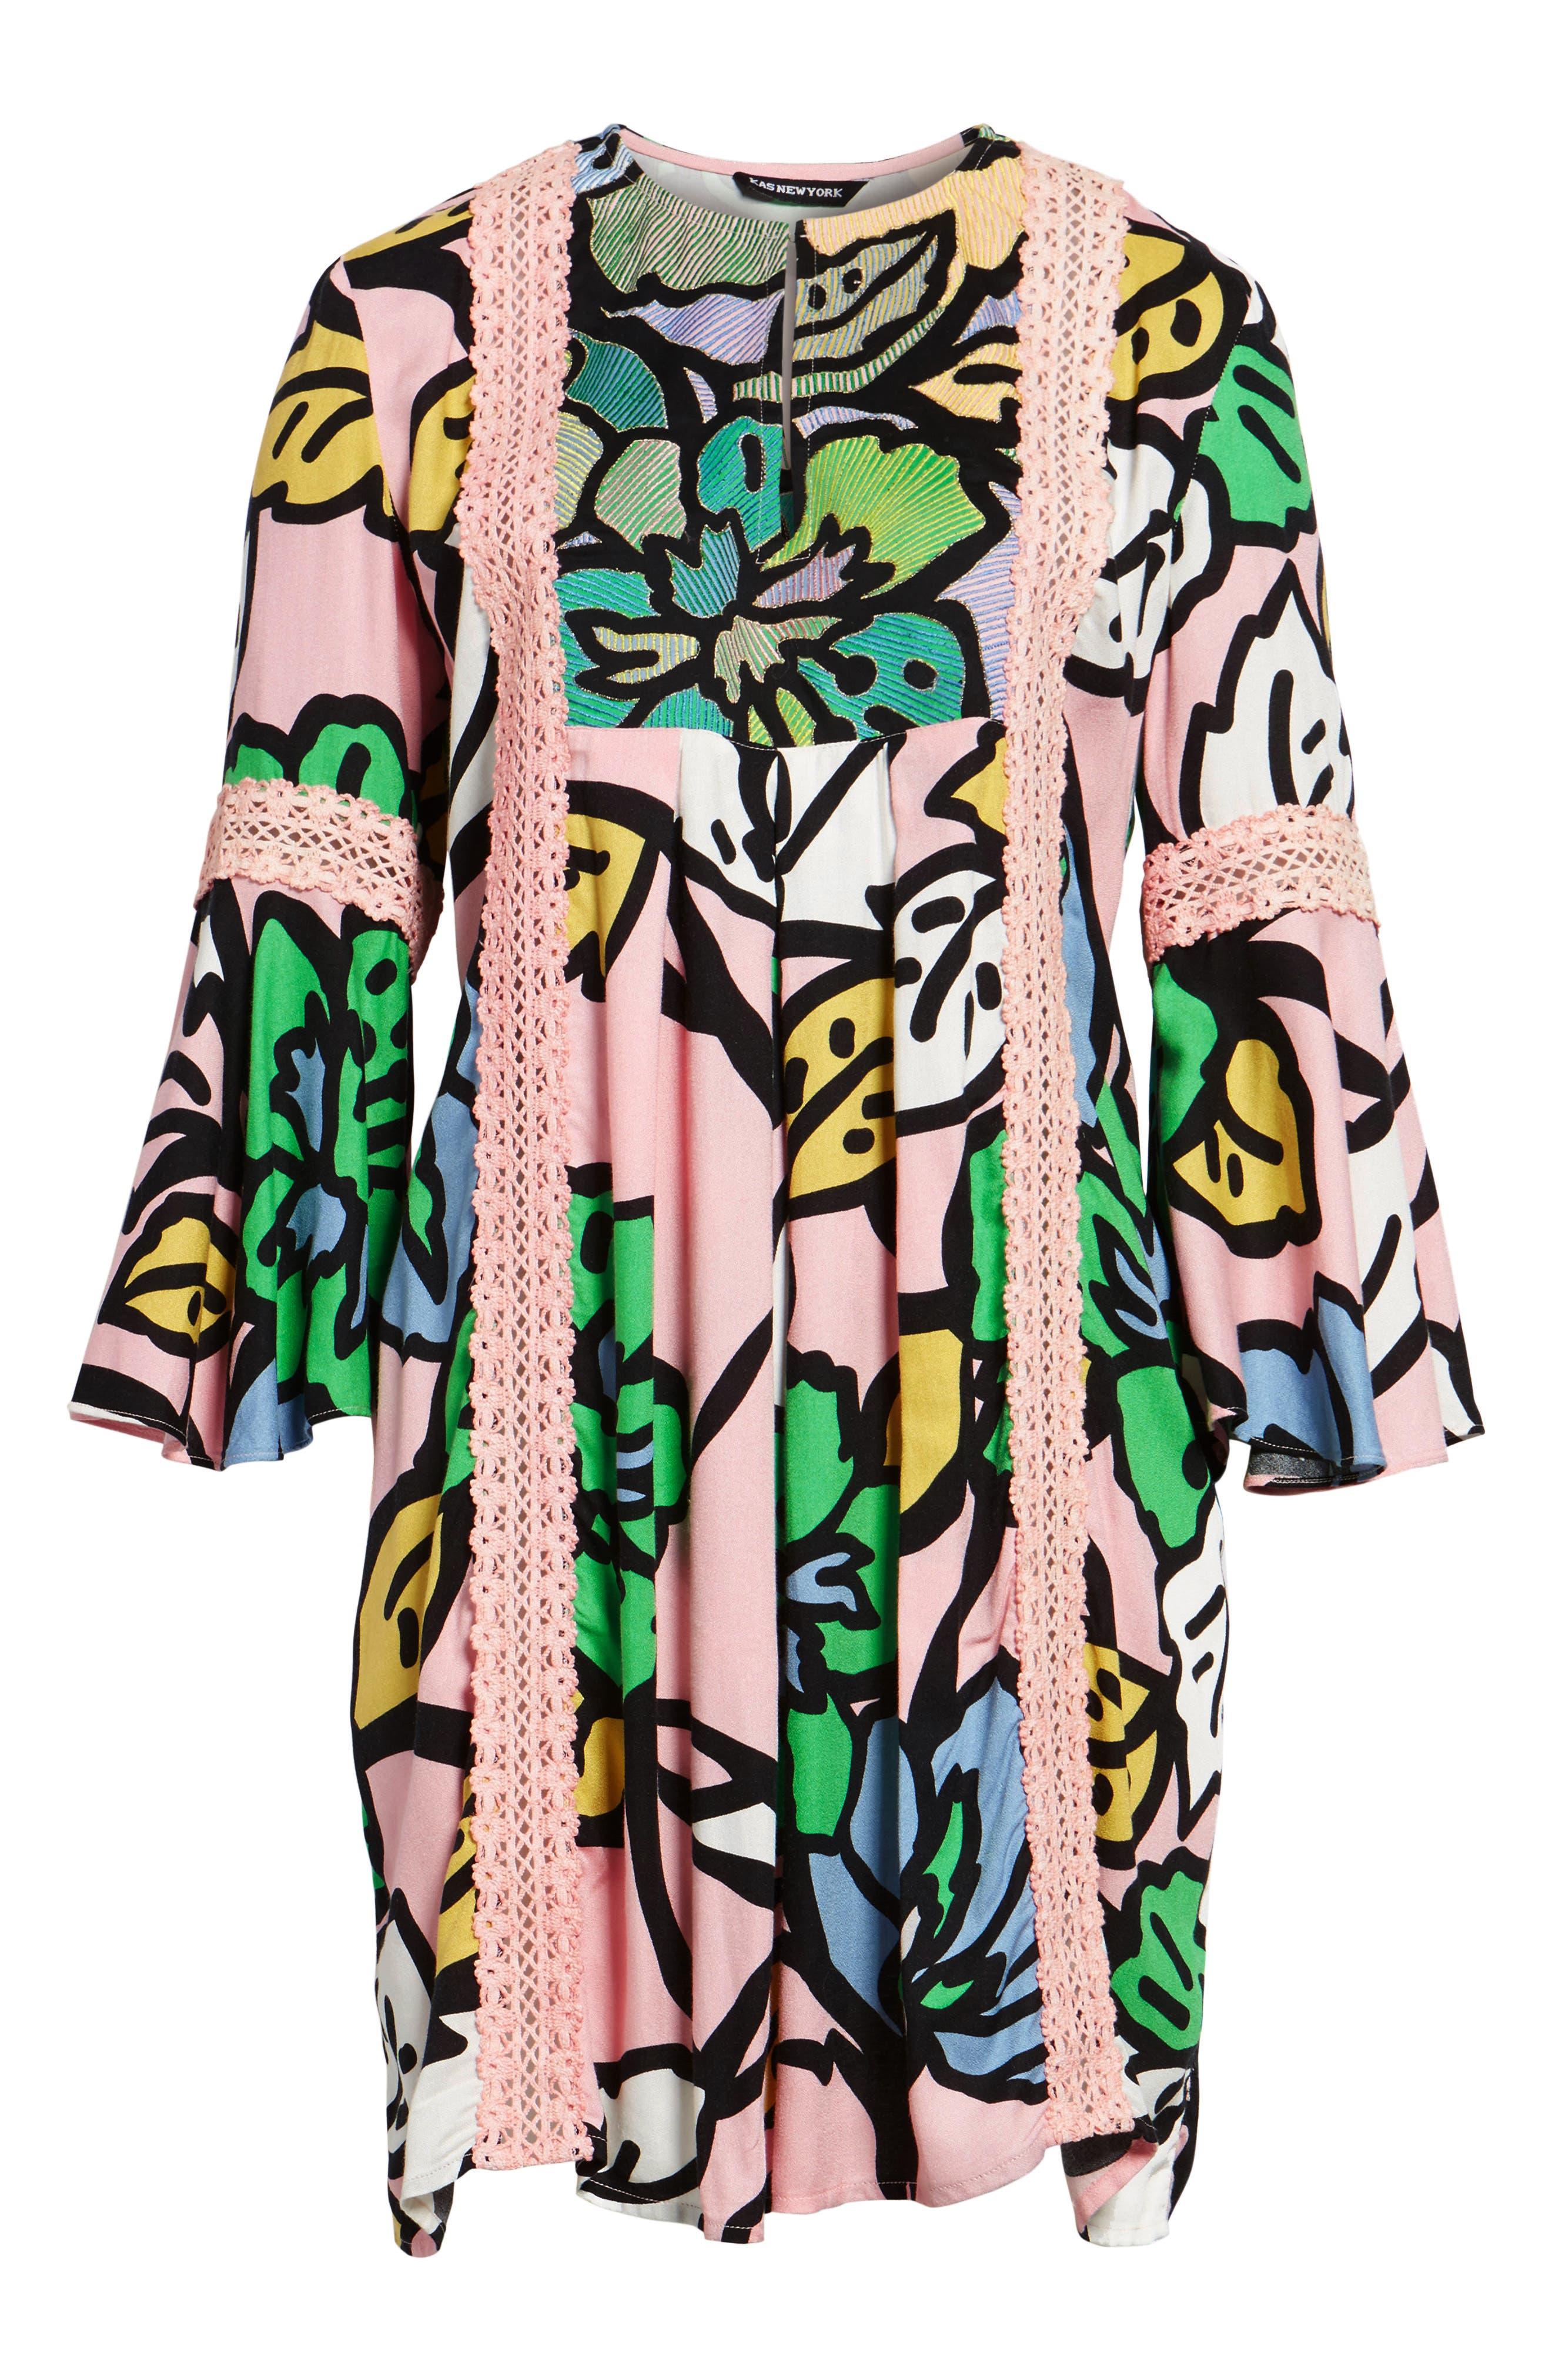 Ancona Mod Print Shift Dress,                             Alternate thumbnail 7, color,